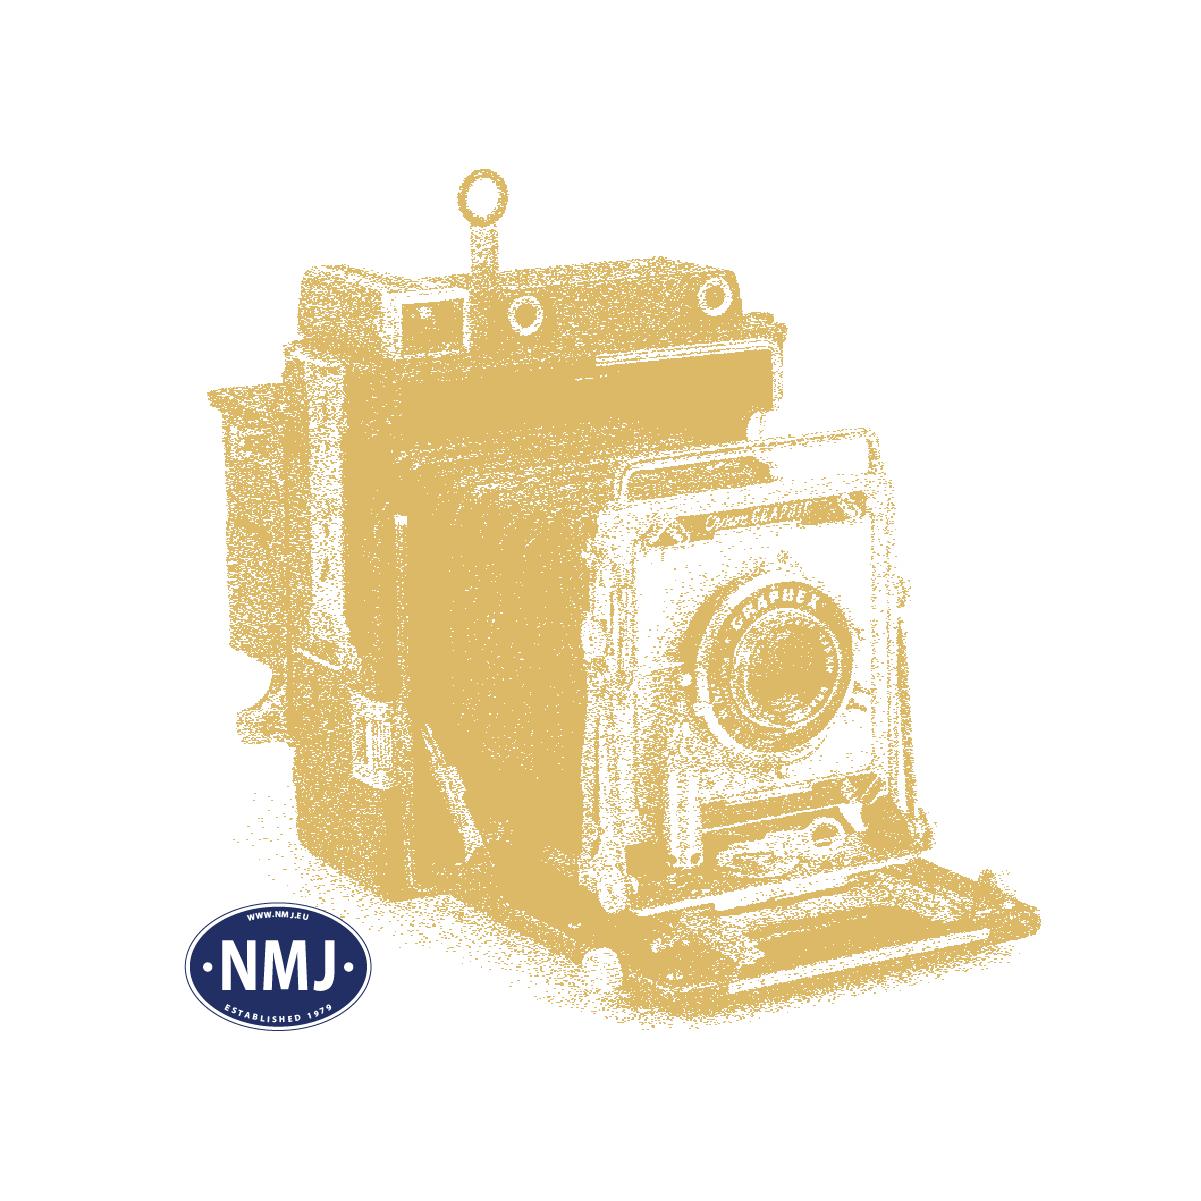 NMJT502.304 - NMJ Topline Kbps 21 76 335 3 742-8 Rungenwagen NSB m.Beladung